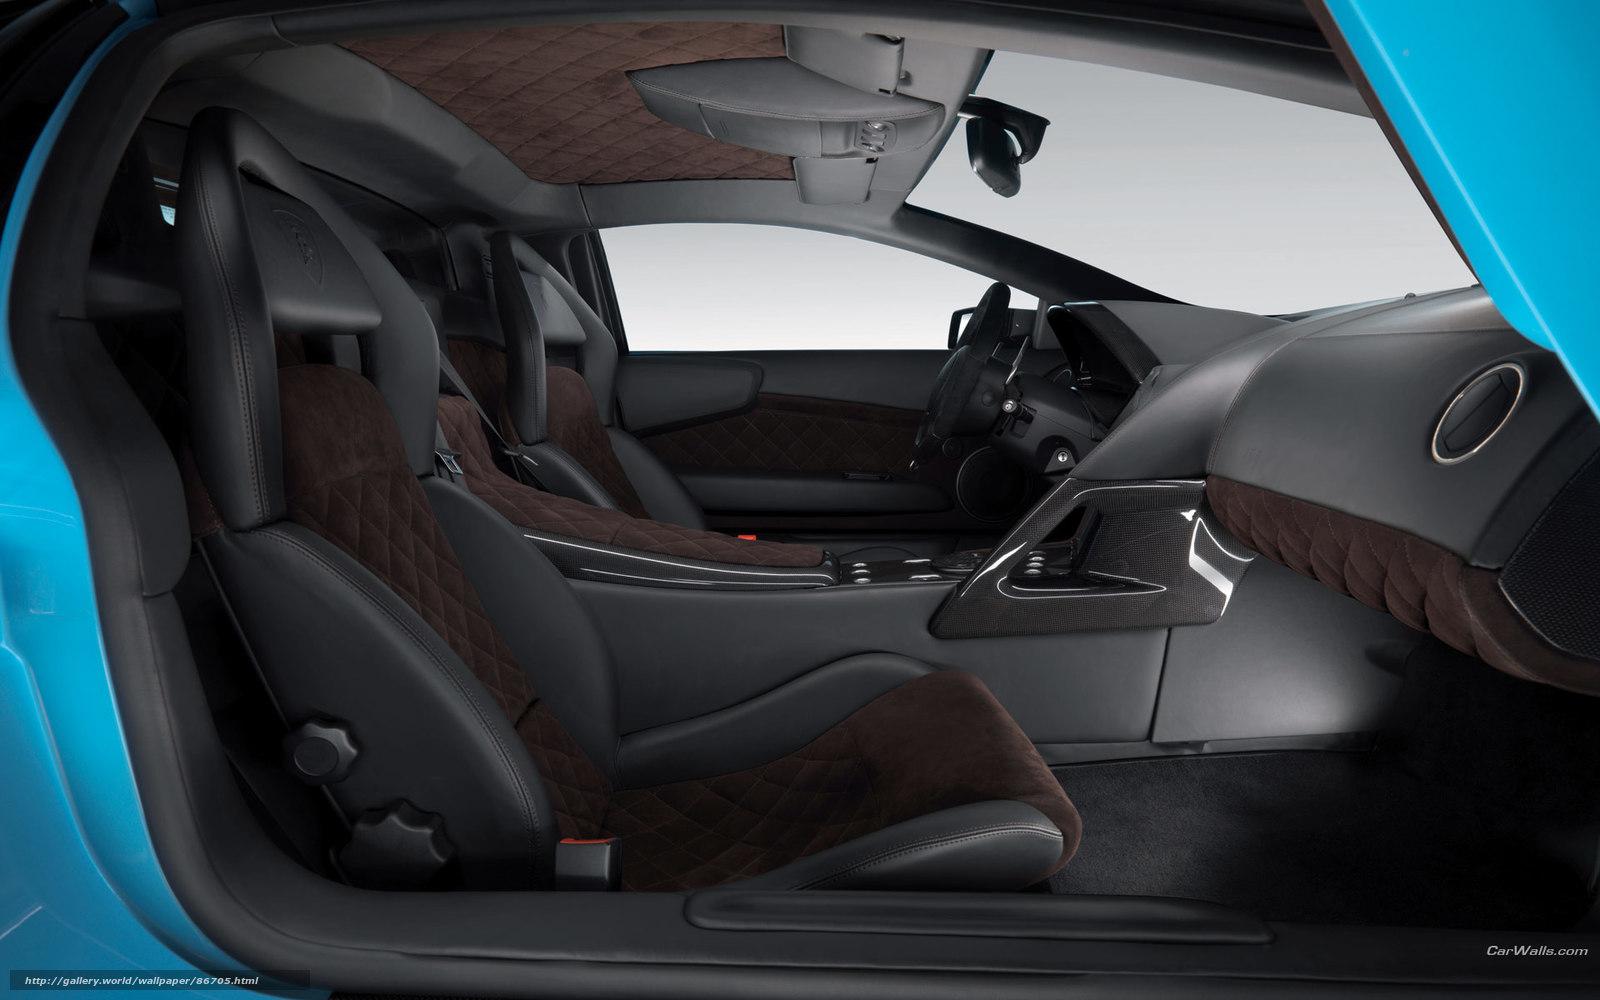 Скачать обои Lamborghini,  Countach,  авто,  машины бесплатно для рабочего стола в разрешении 1920x1200 — картинка №86705